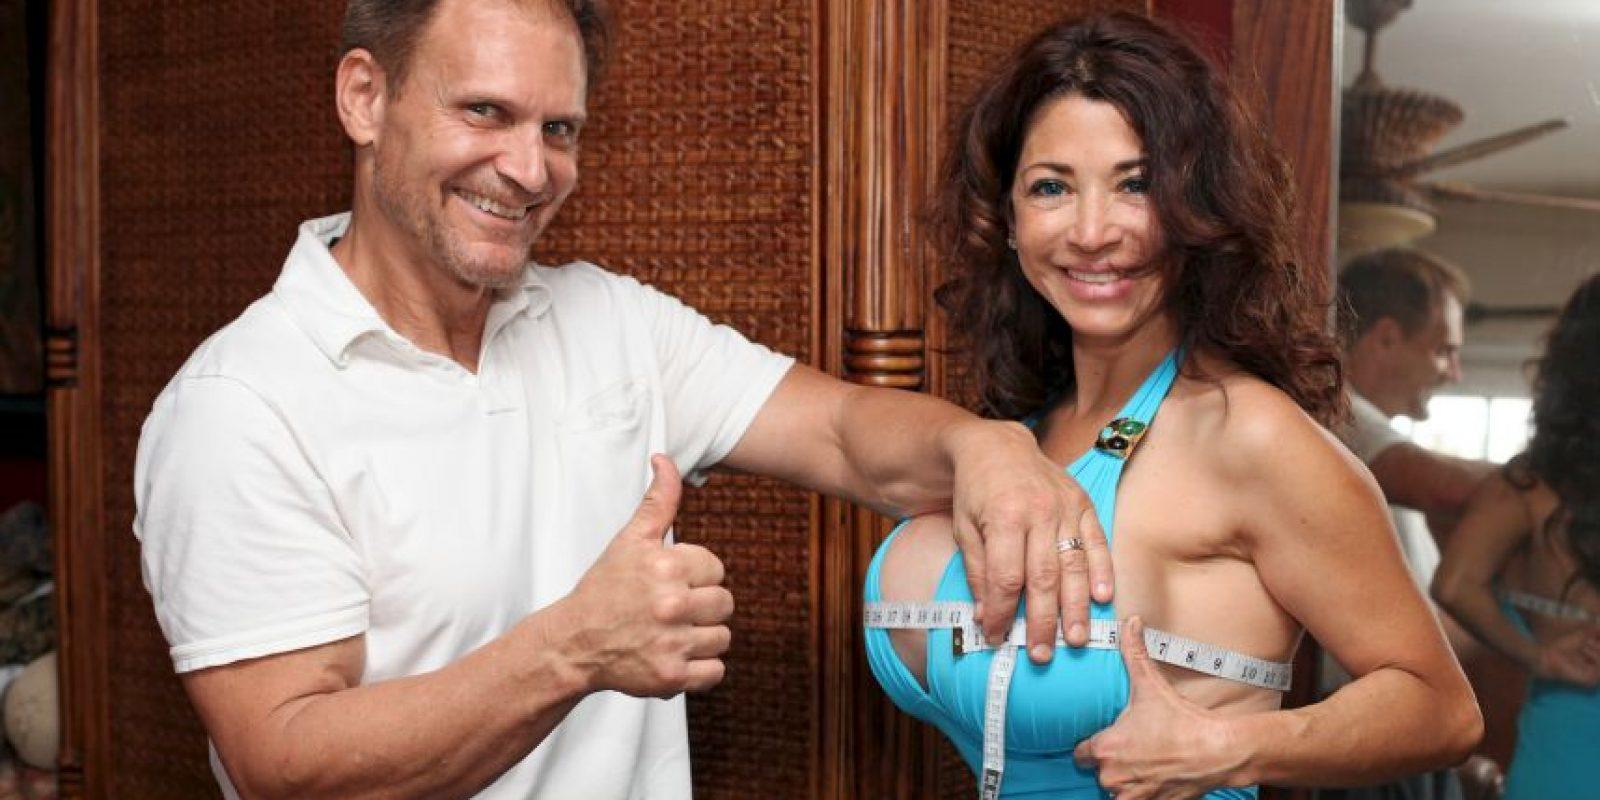 """Hay gente cuyas metas en la vida son peculiares y está la de Ivan LeCasque, quien escribió un """"manual"""" para que los esposos convenzan a sus compañeras de aumentar el tamaño de su busto. Foto:vía Barcroft Media /OtherImages"""